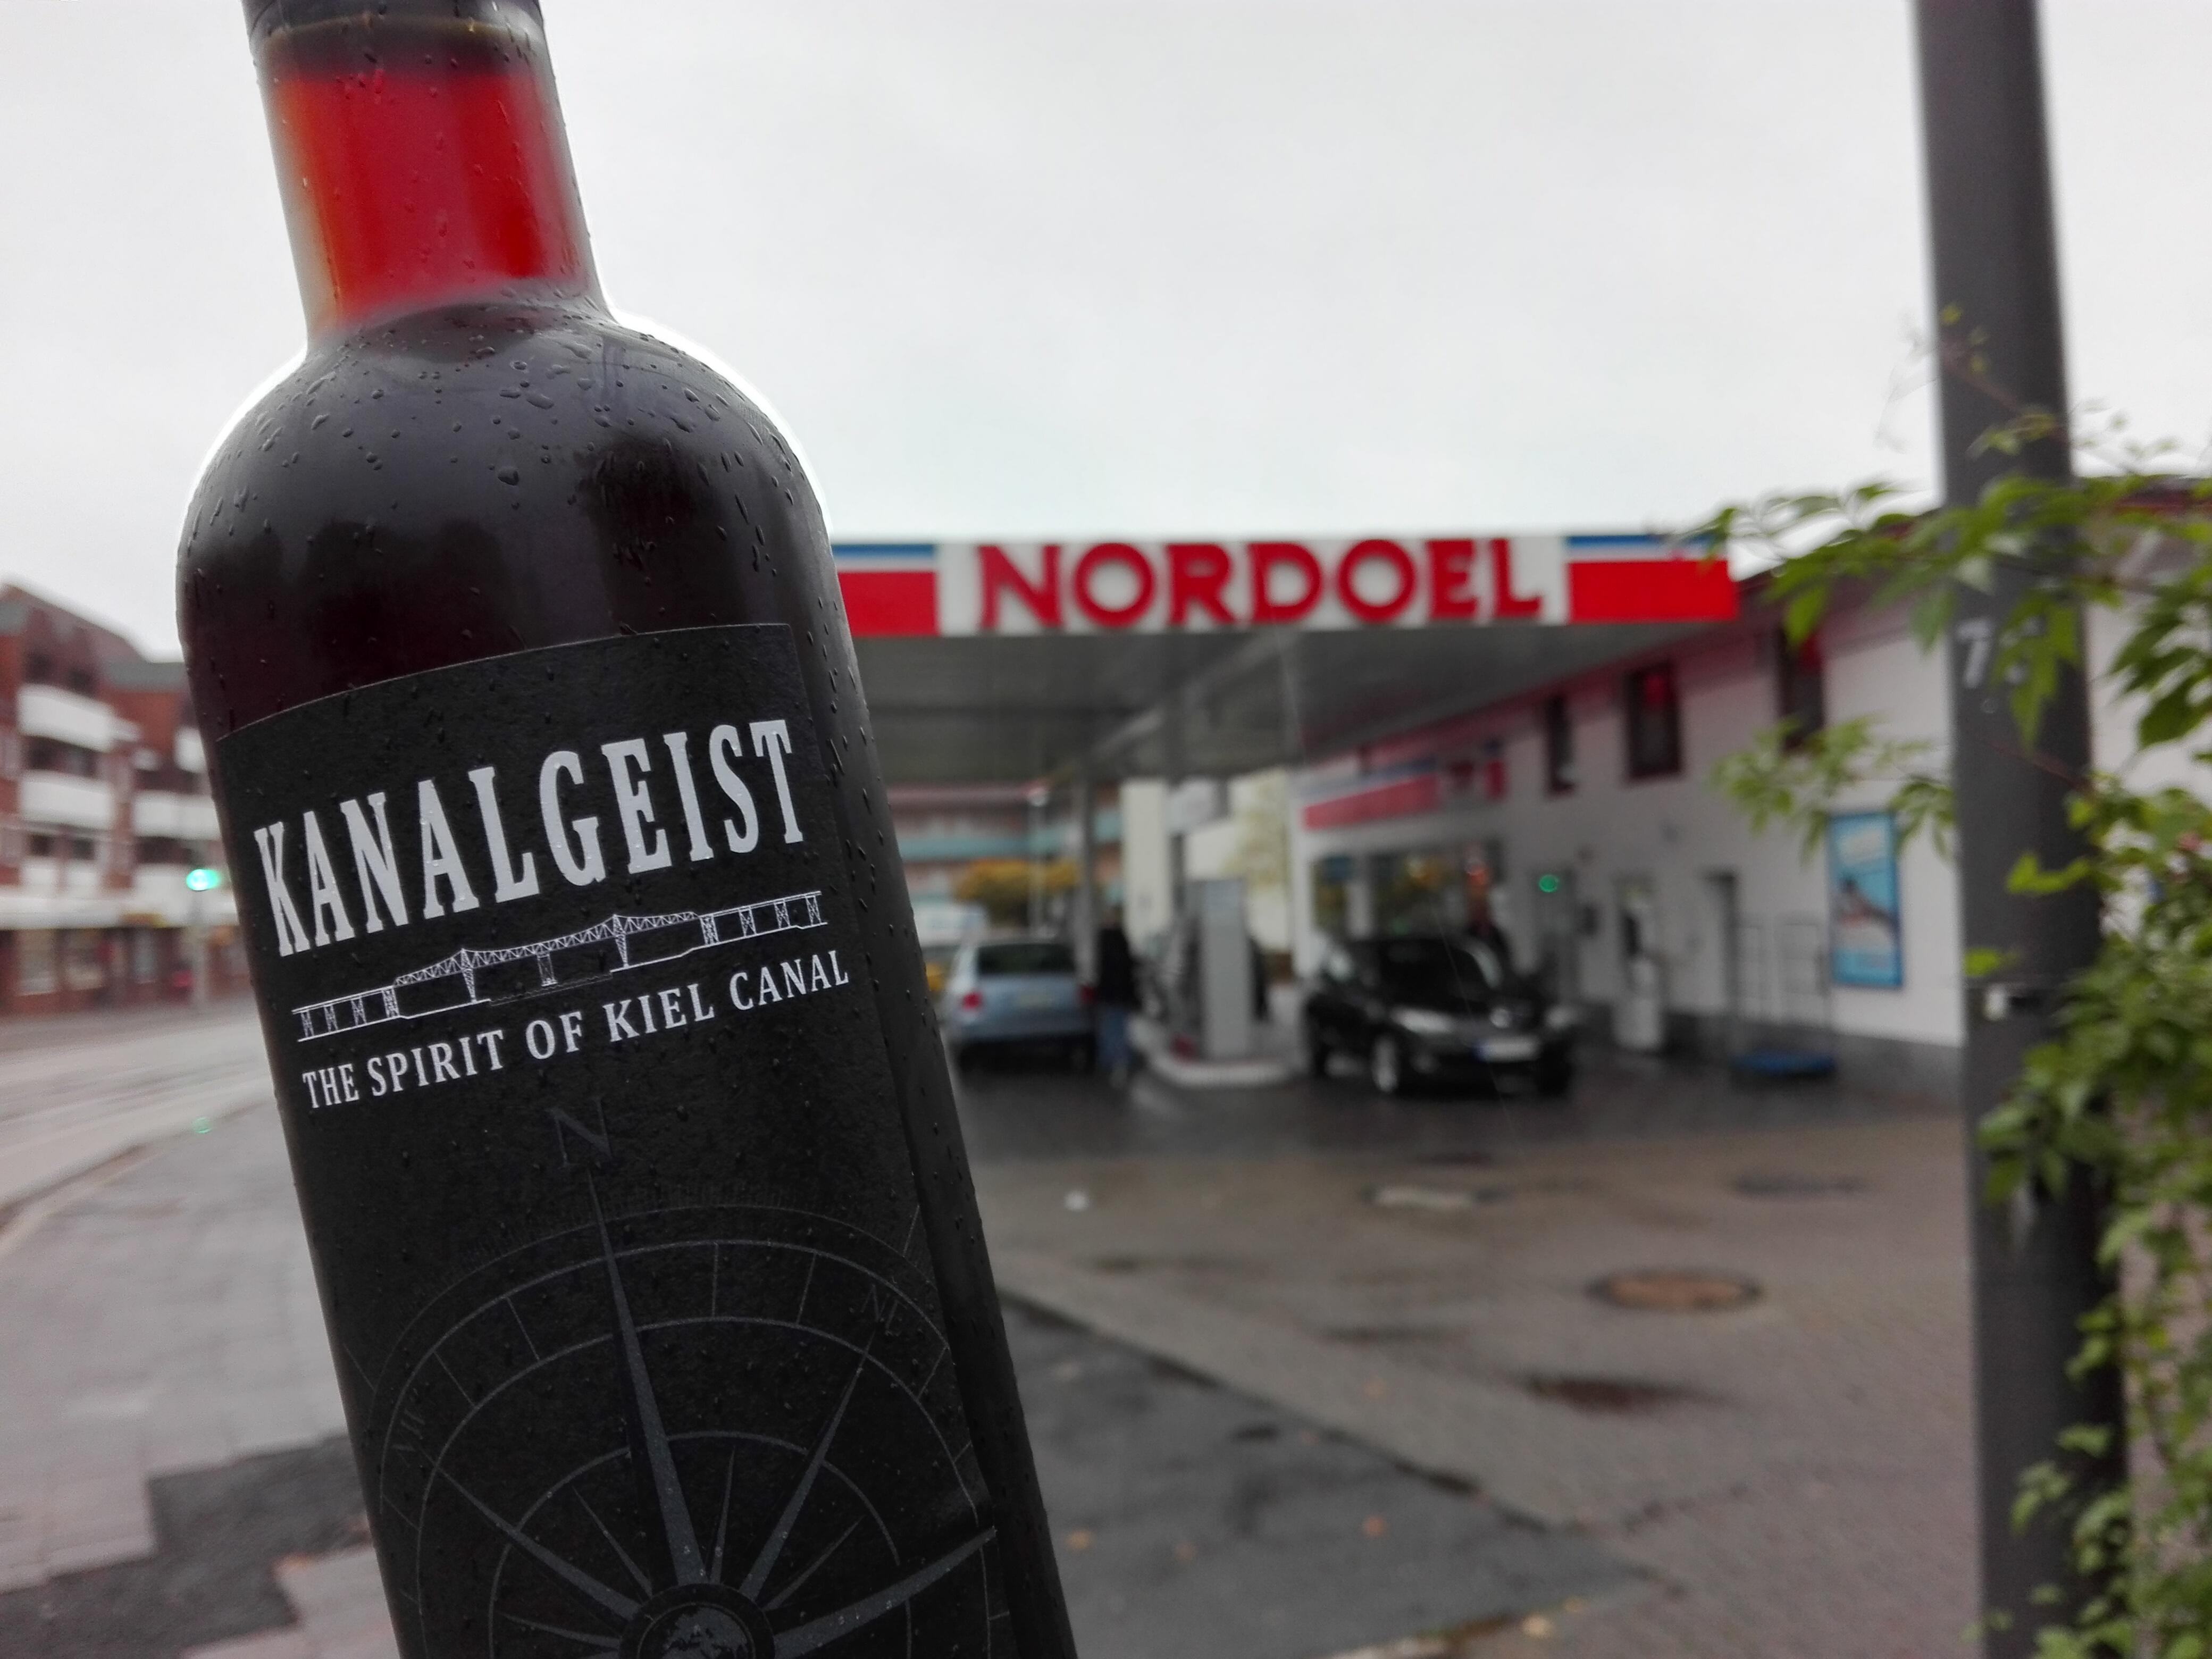 KANALGEIST jetzt von 5-22 Uhr in Holtenau verfügbar...